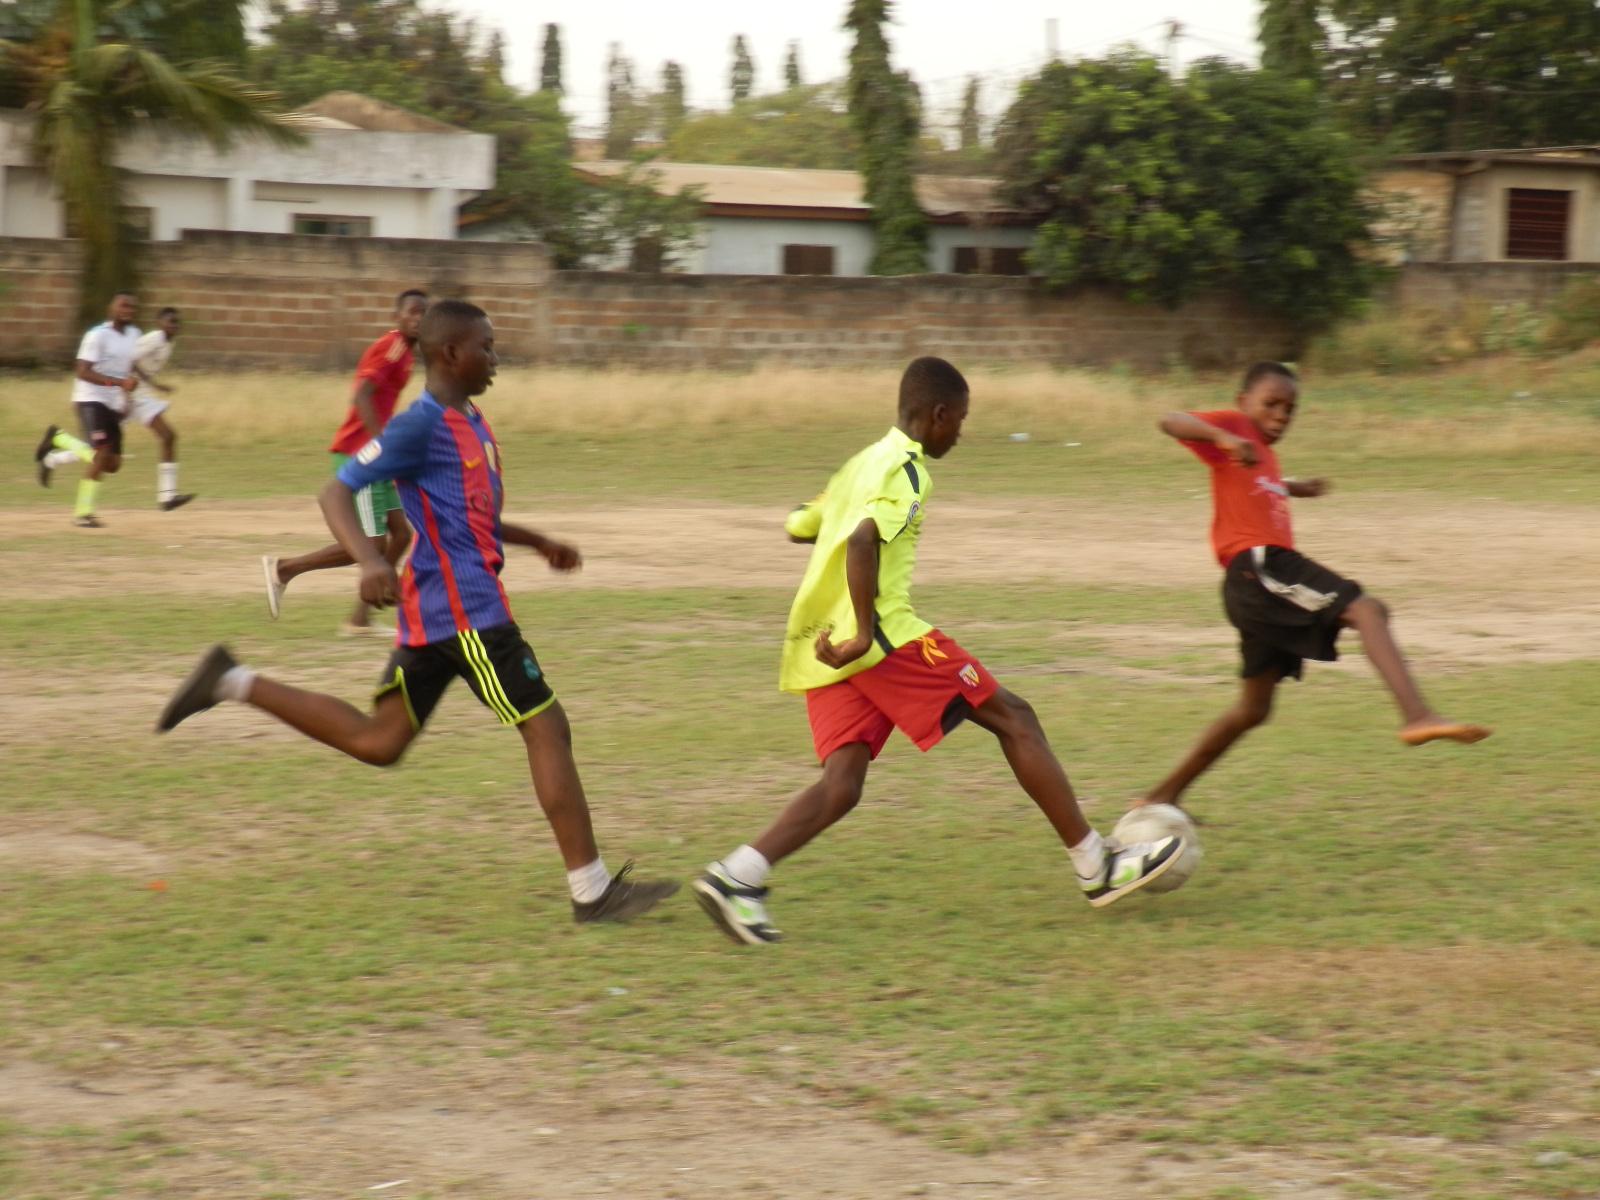 Fußball, der Garant für gute Laune bei den Kids